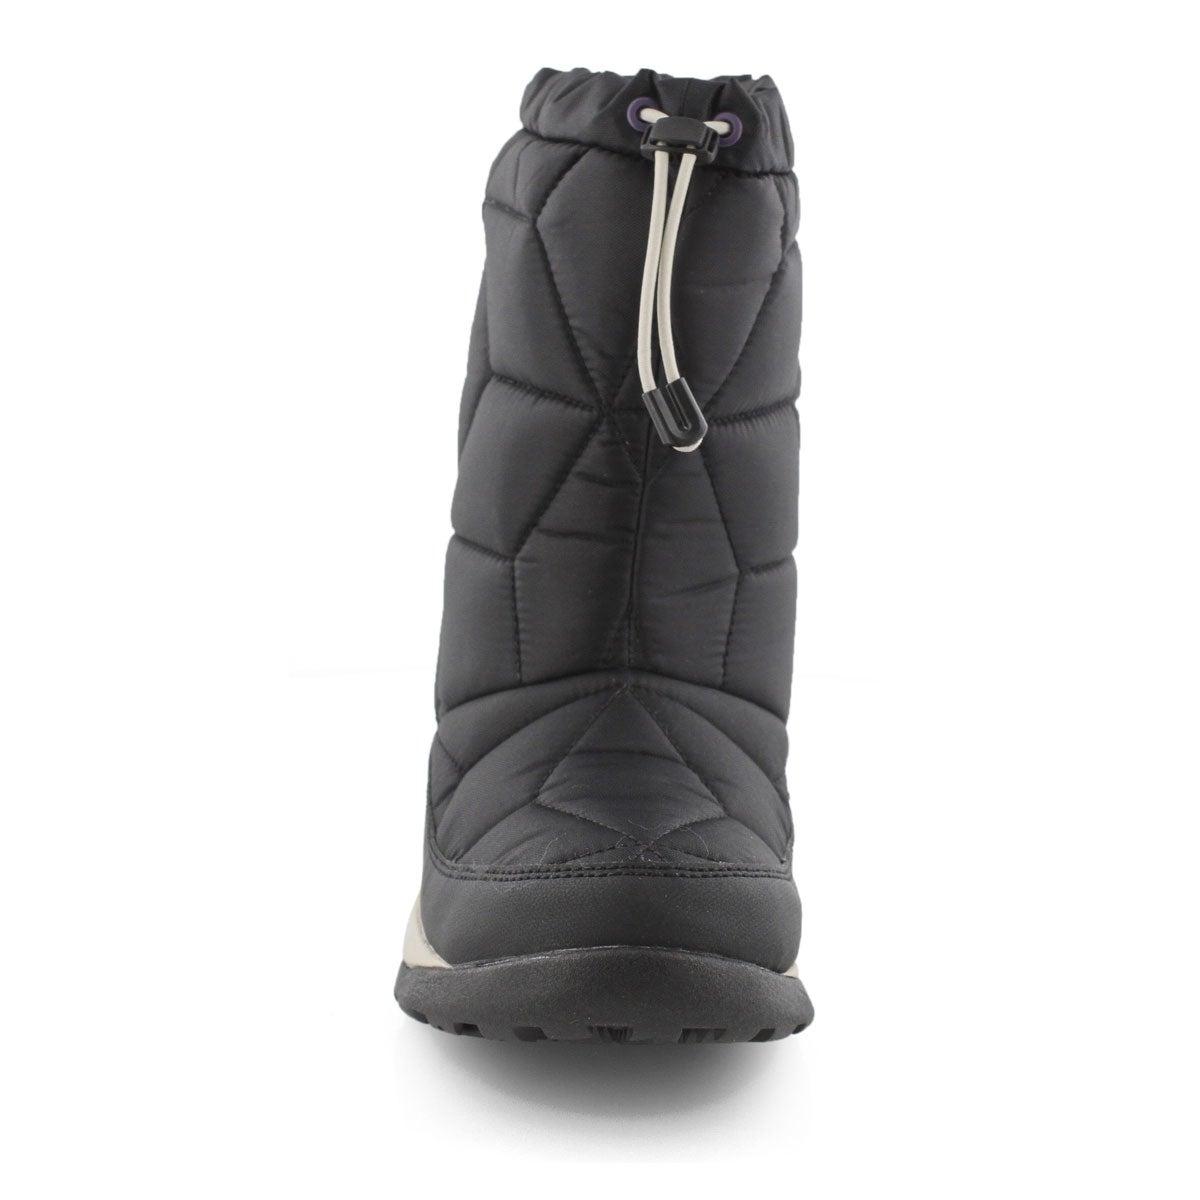 Women's POWER KEG MID black slip on boot